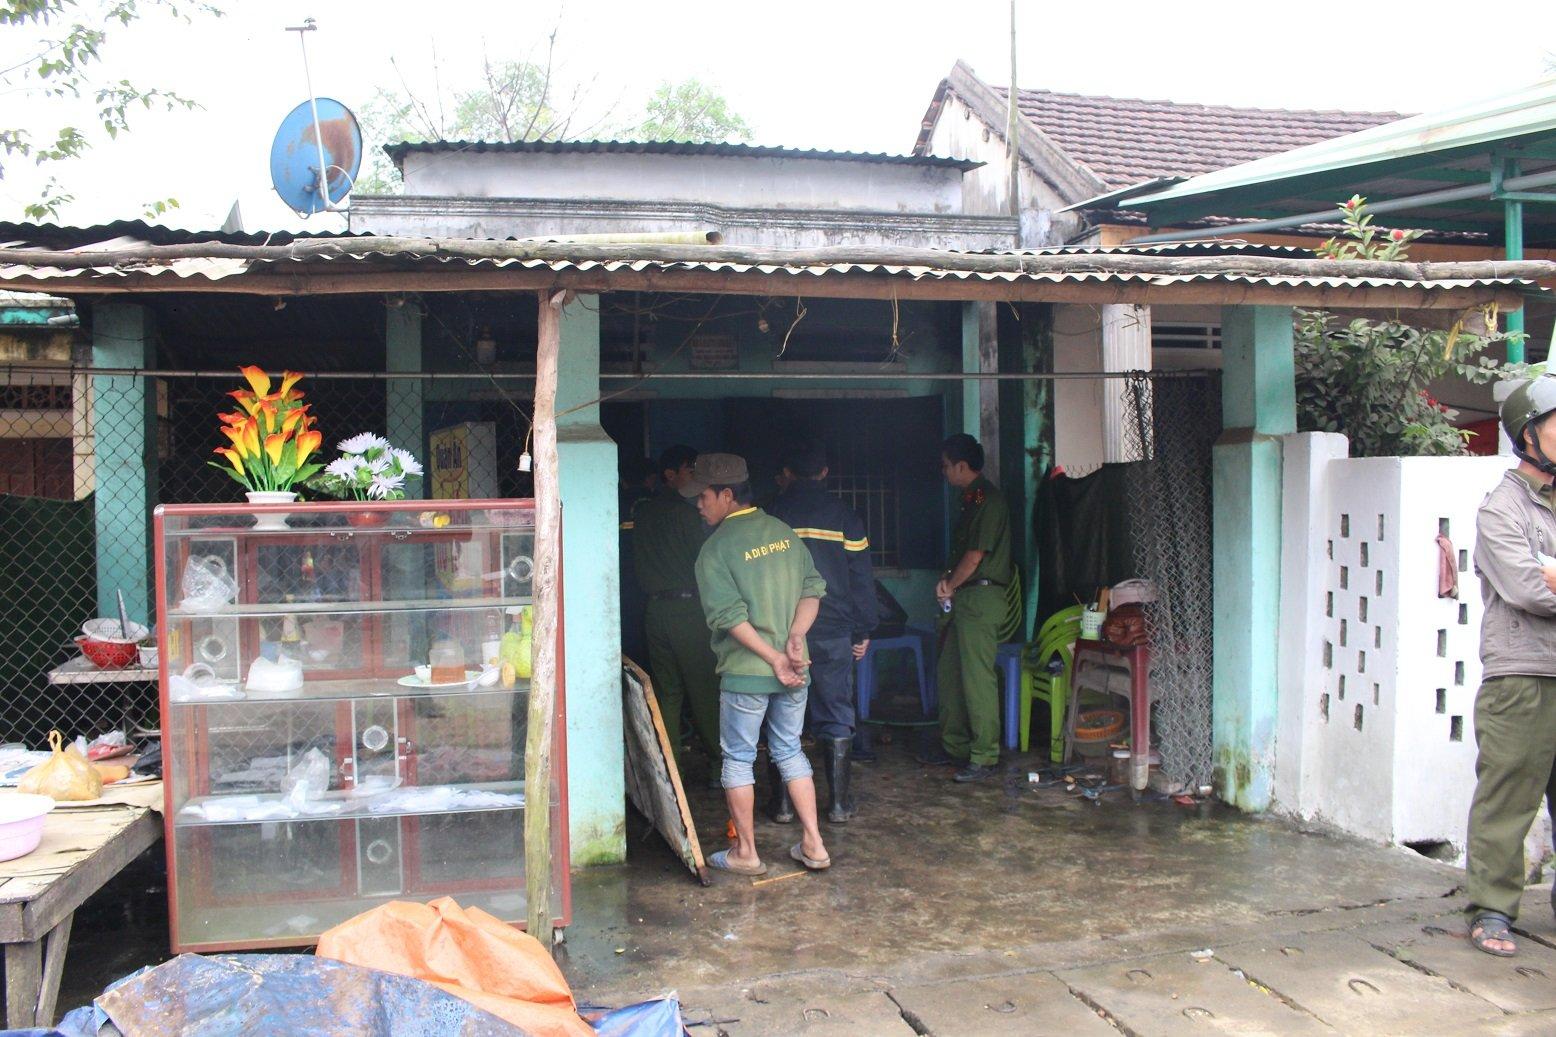 Cháy nhà ỏ Quảng Nam, mọt nguòi phụ nũ chét thảm hinh anh 1